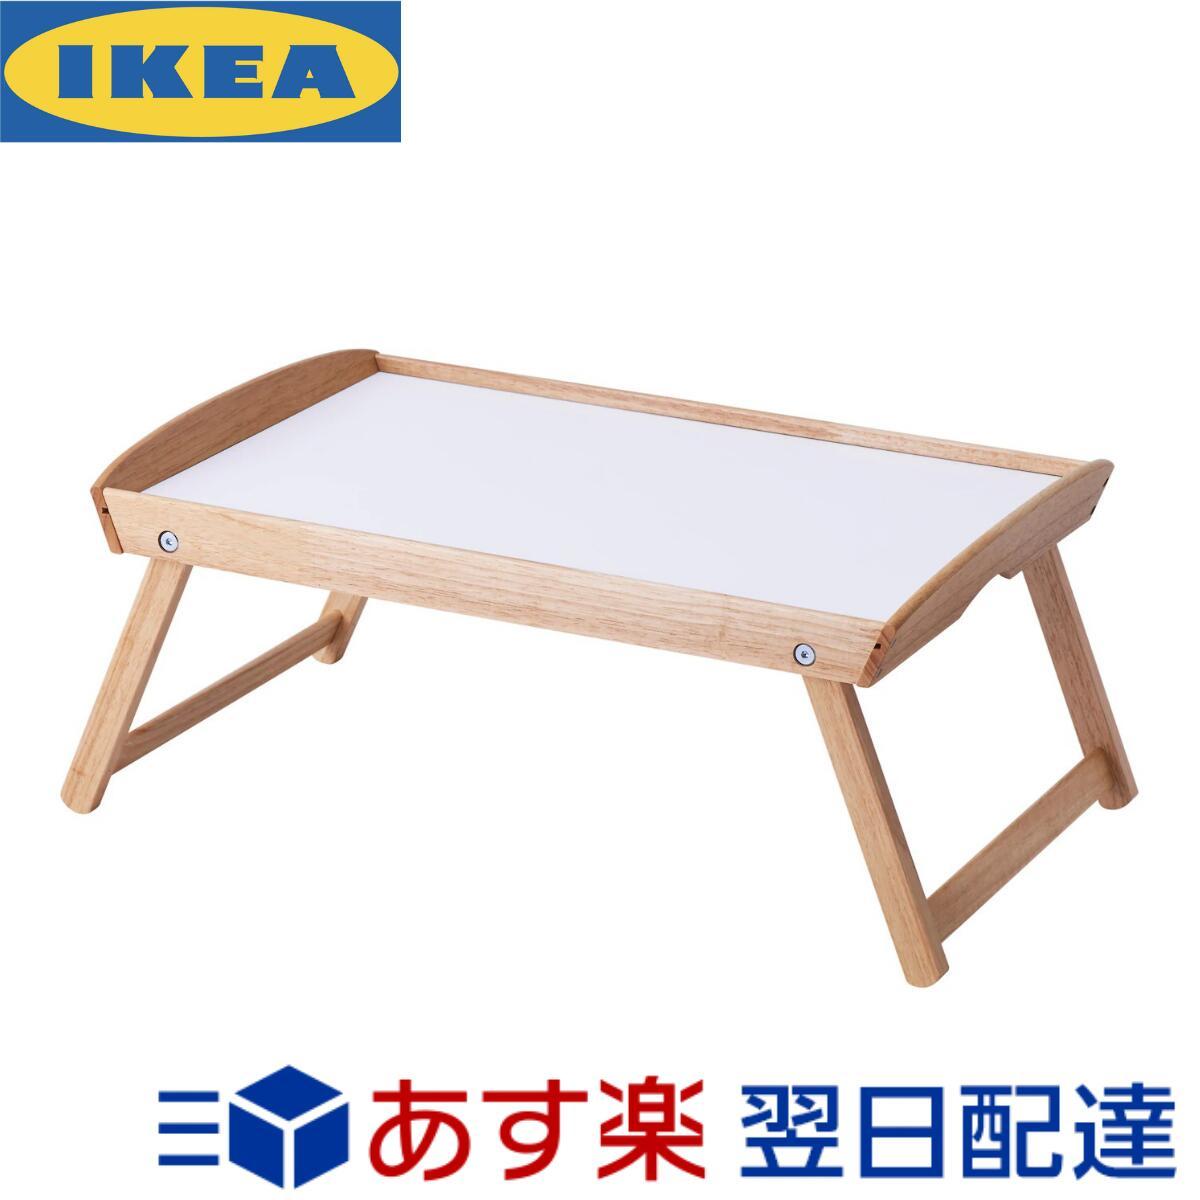 迅速発送 おしゃれ 送料無料 お洒落 ポイント消化 IKEA DJURA ベッドトレイ 58x38x25cm イケア ベッドテーブル 朝食テーブル ベットトレイ ゴムノキ 天然竹 ローテーブル 折りたたみ コーヒーテーブル